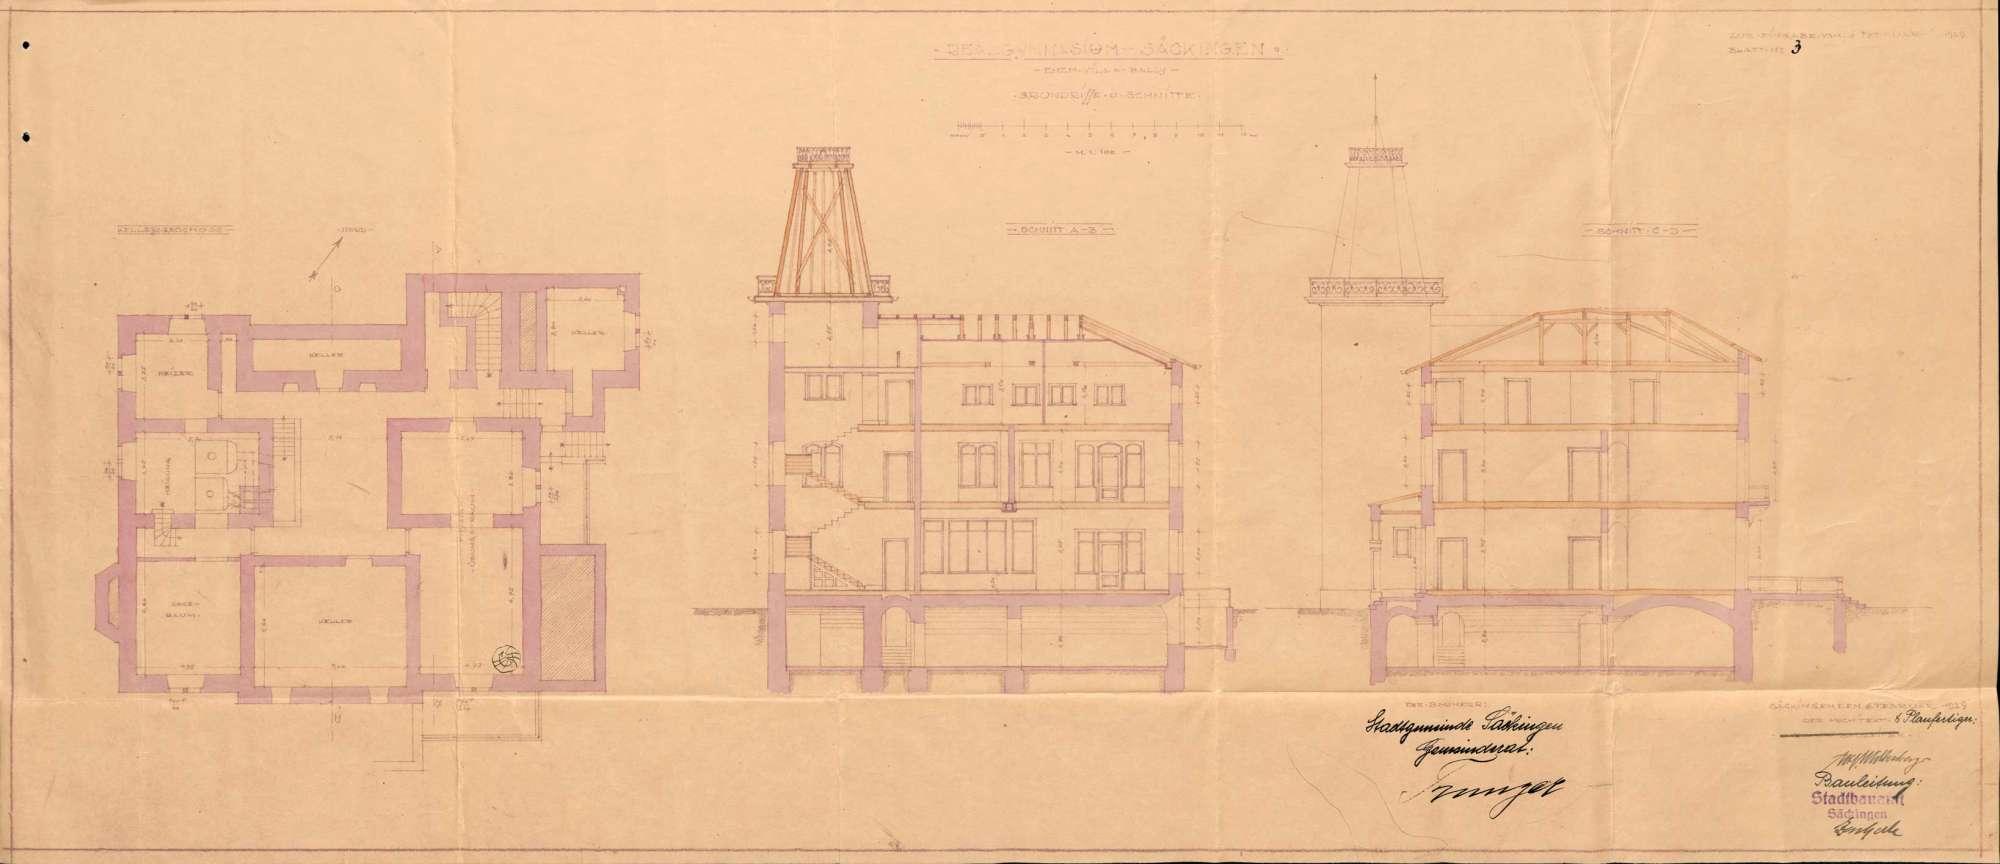 Erstellung von Schulräumlichkeiten für das Realgymnasium in Säckingen, Bild 3